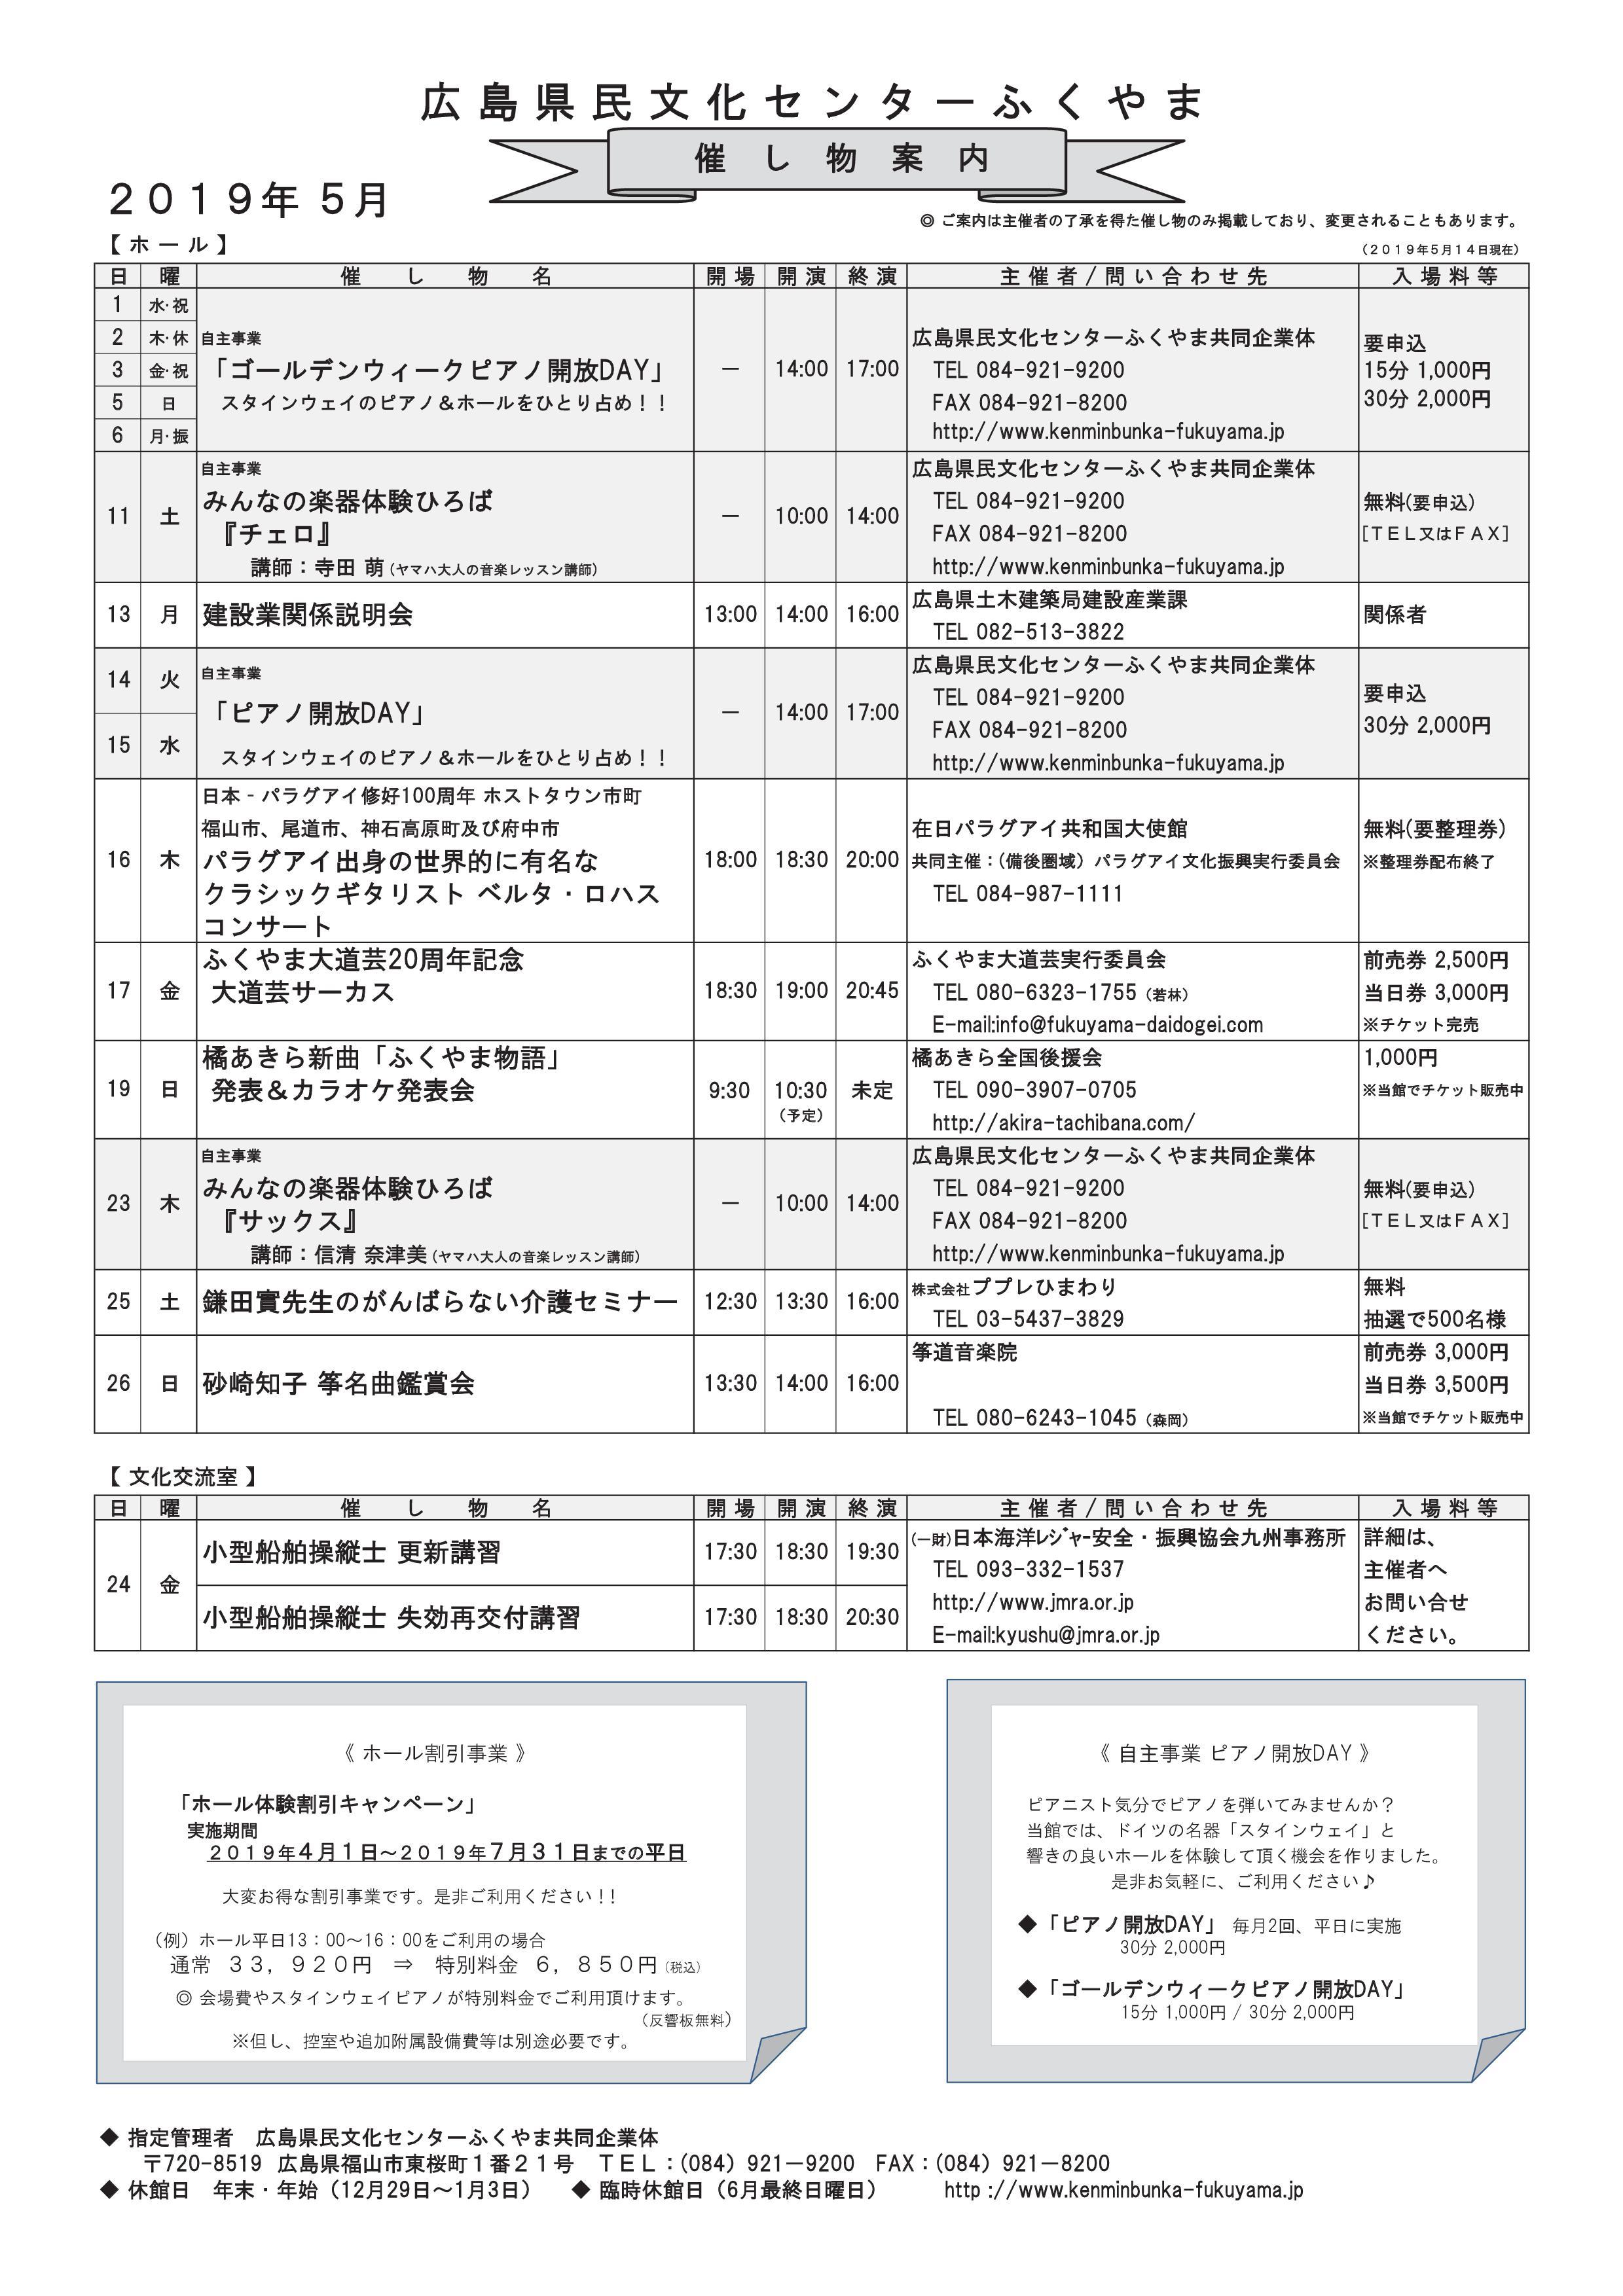 2019年5月(5.14改)